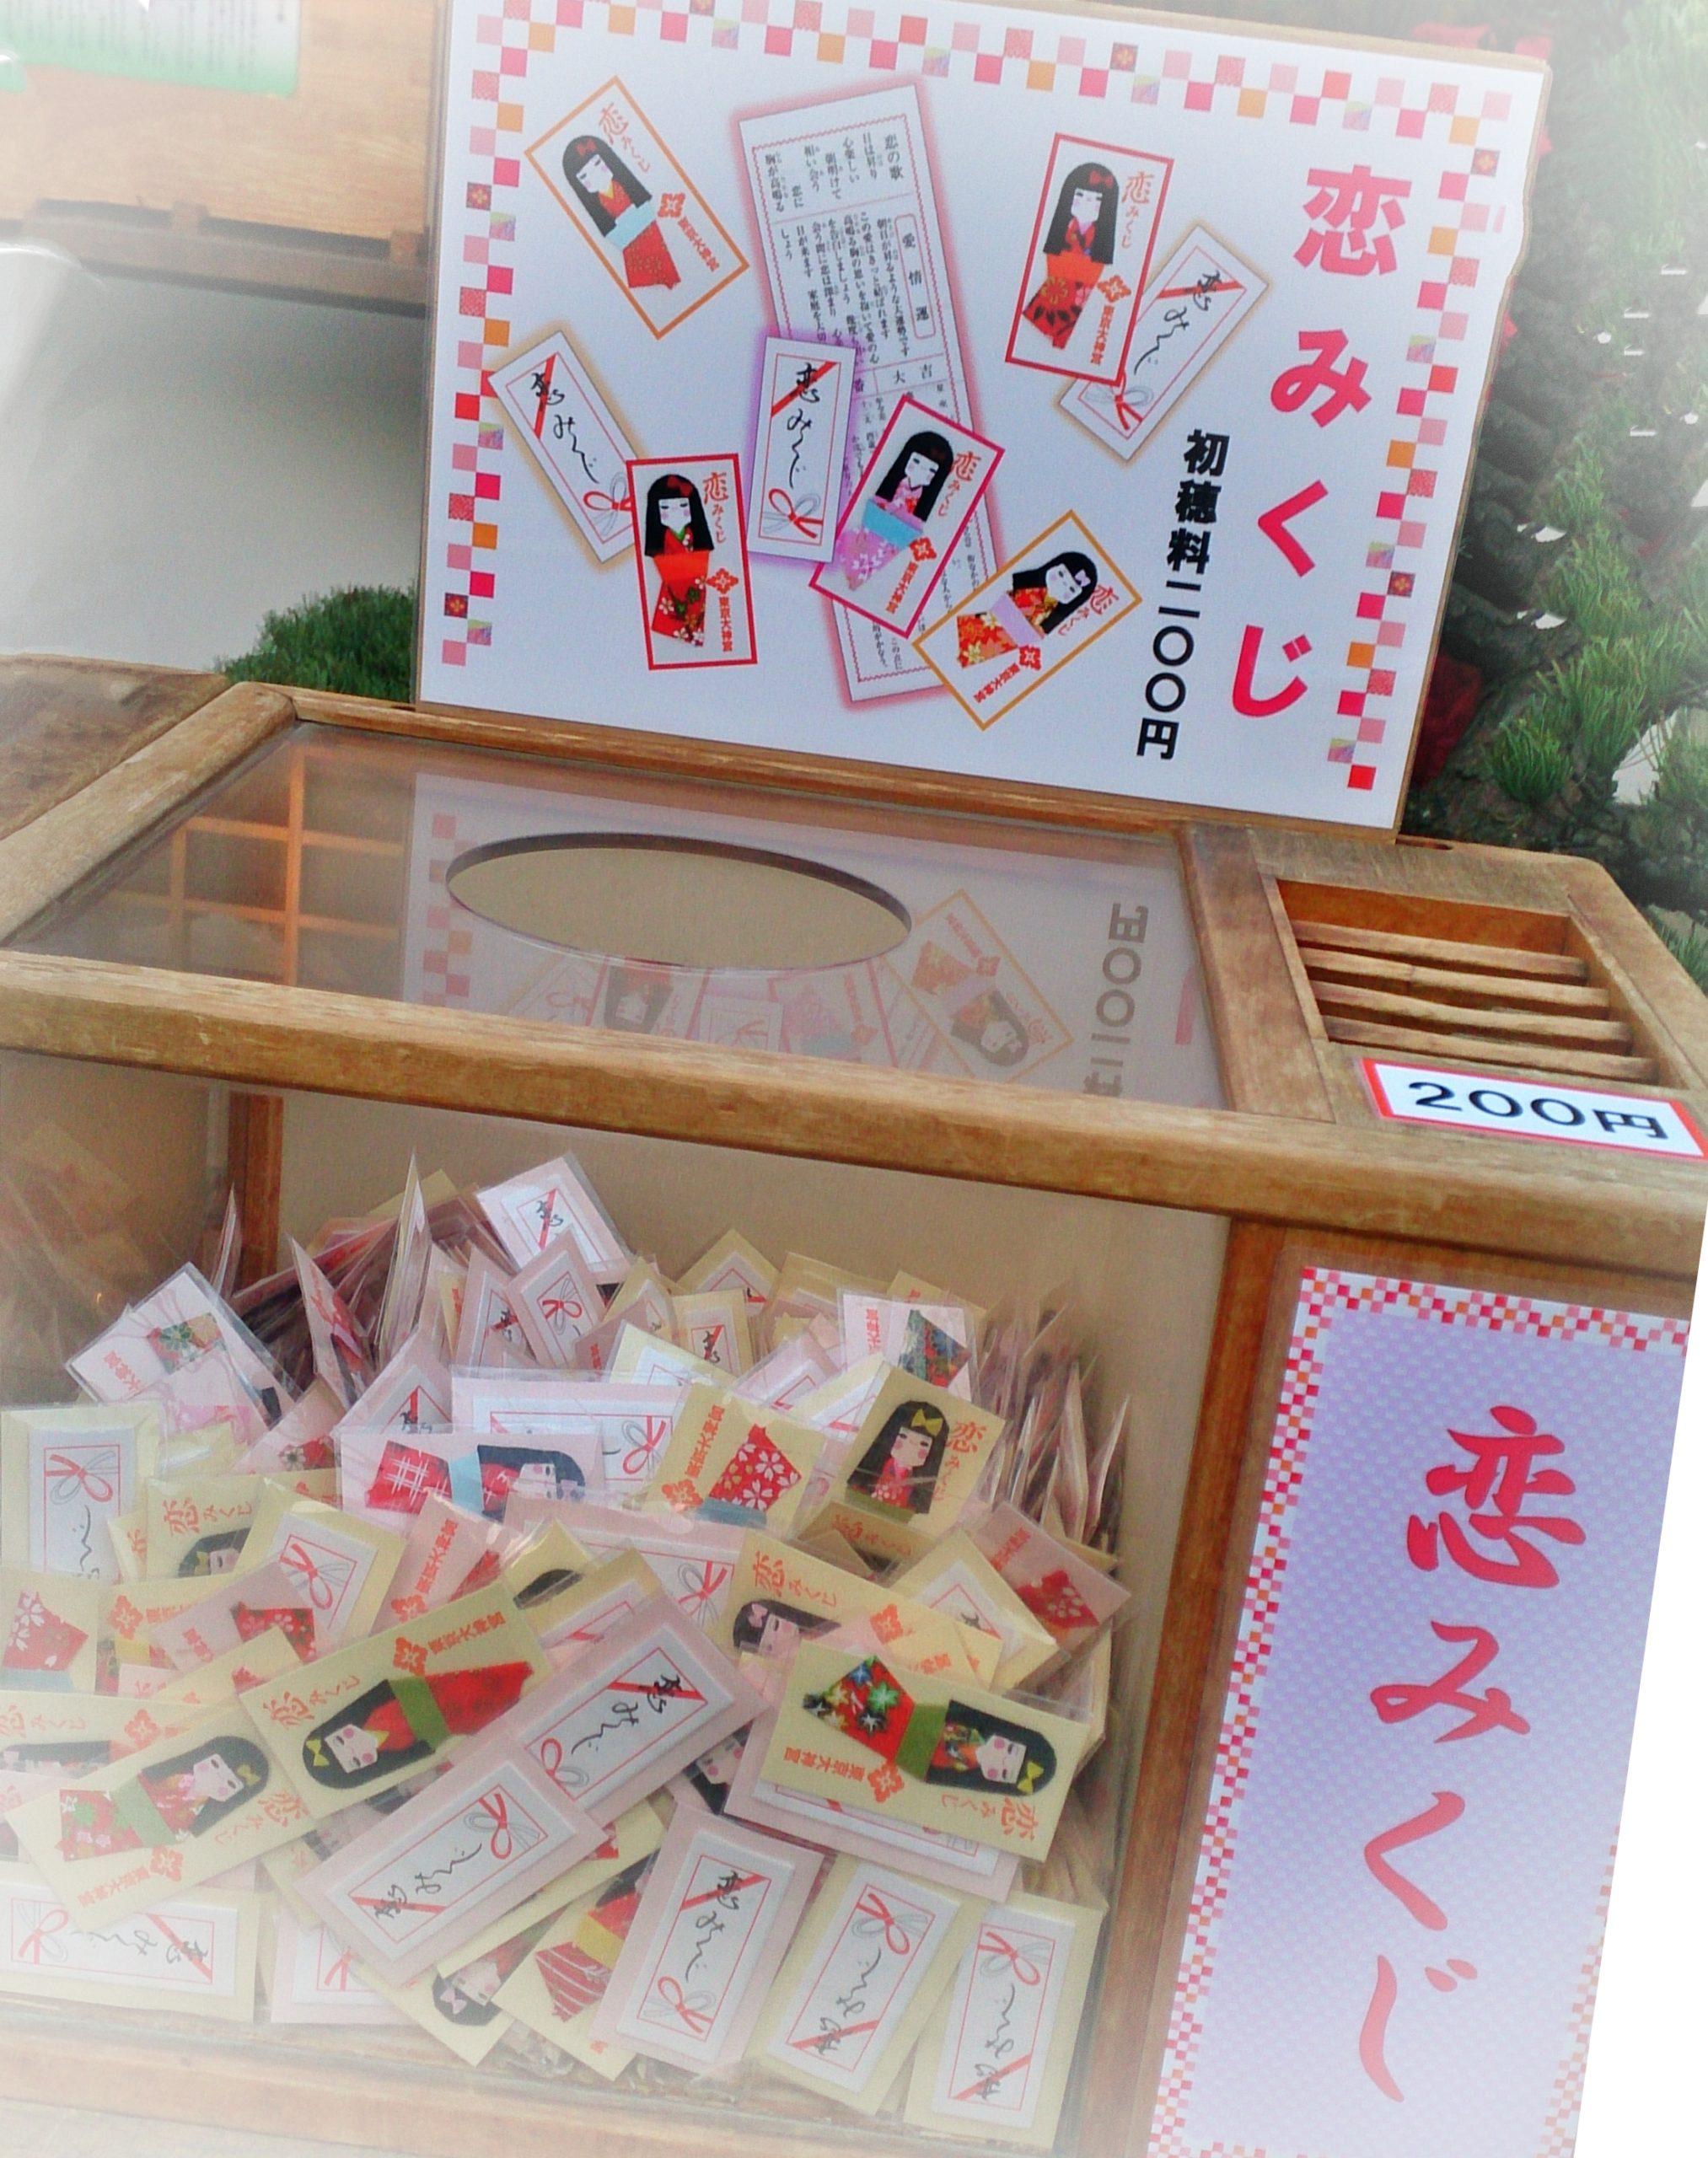 東京大神宮で恋愛運がアップするといわれる恋みくじ